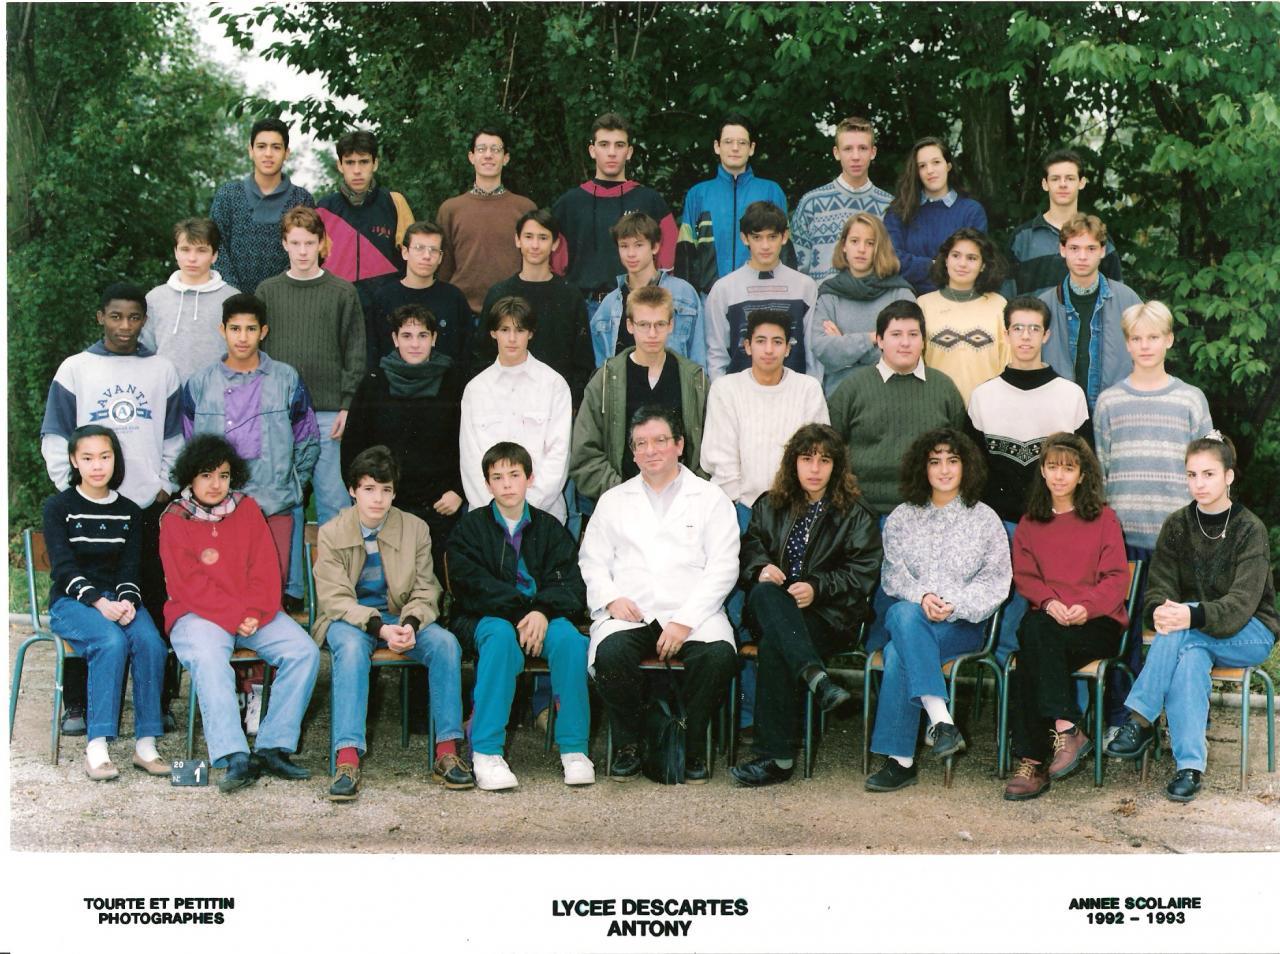 1993 - 2nde 2